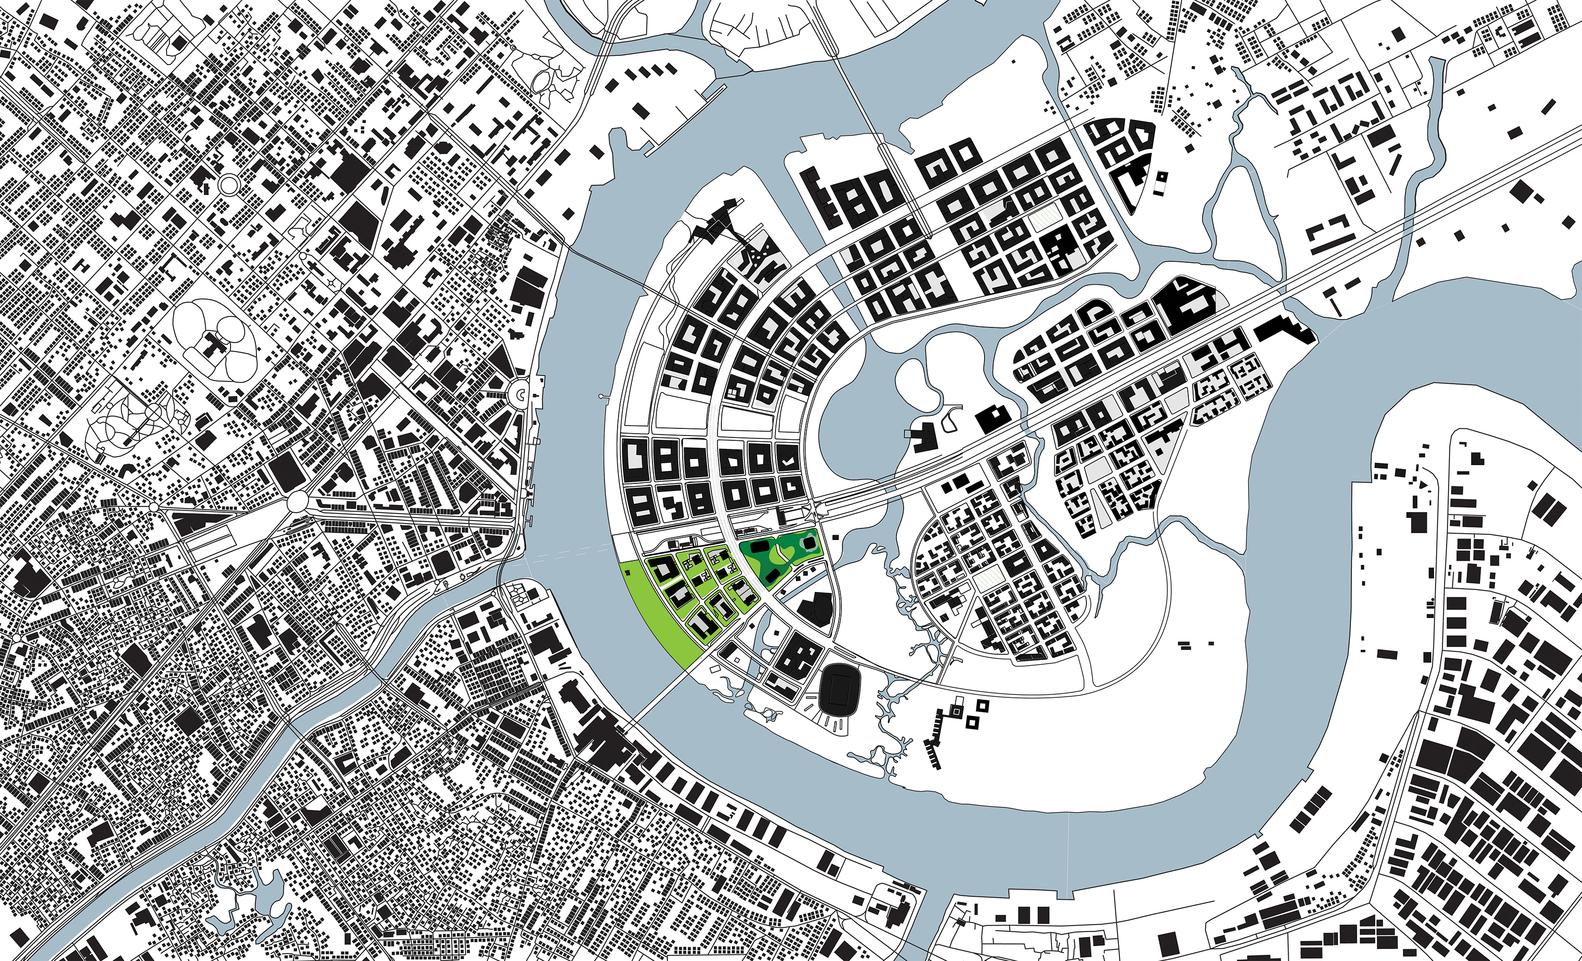 empire_city_by_ole_scheeren_a_buro-os_08_empire_city_site.jpg